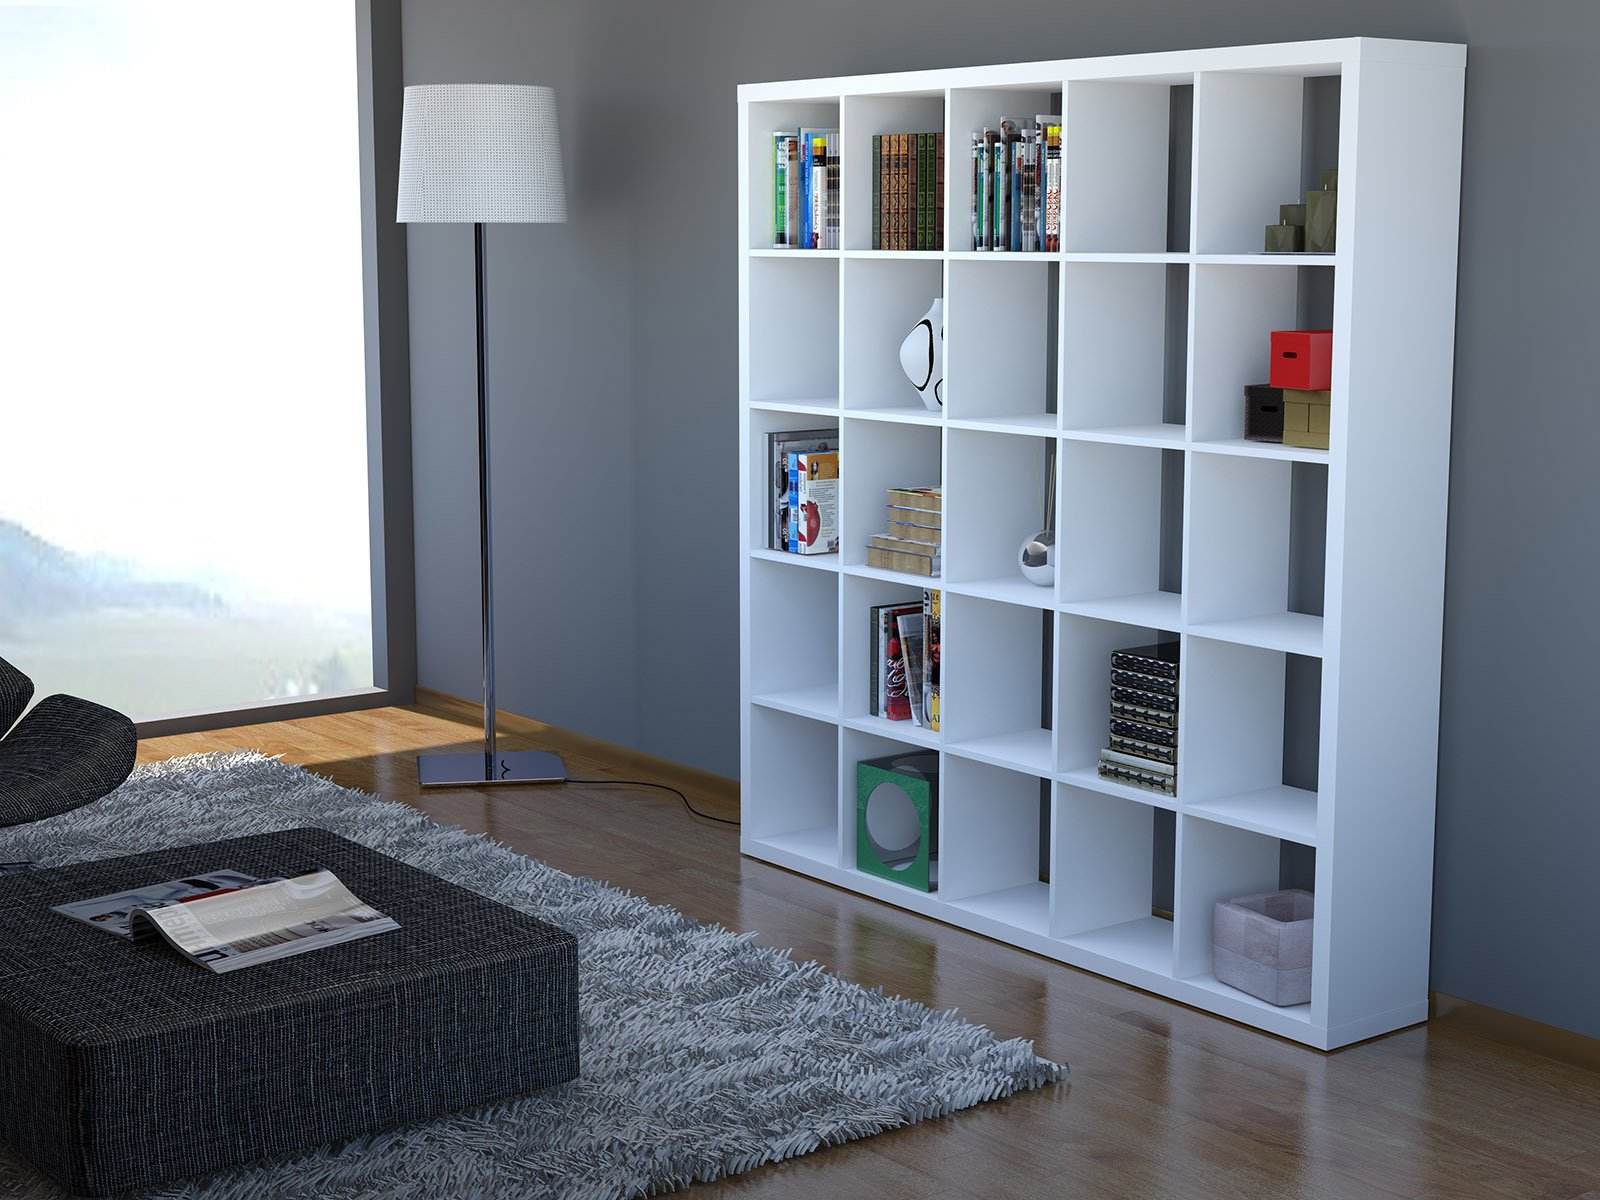 Librerie componibili i mobili pi importanti del - Mobili per ingresso mercatone uno ...